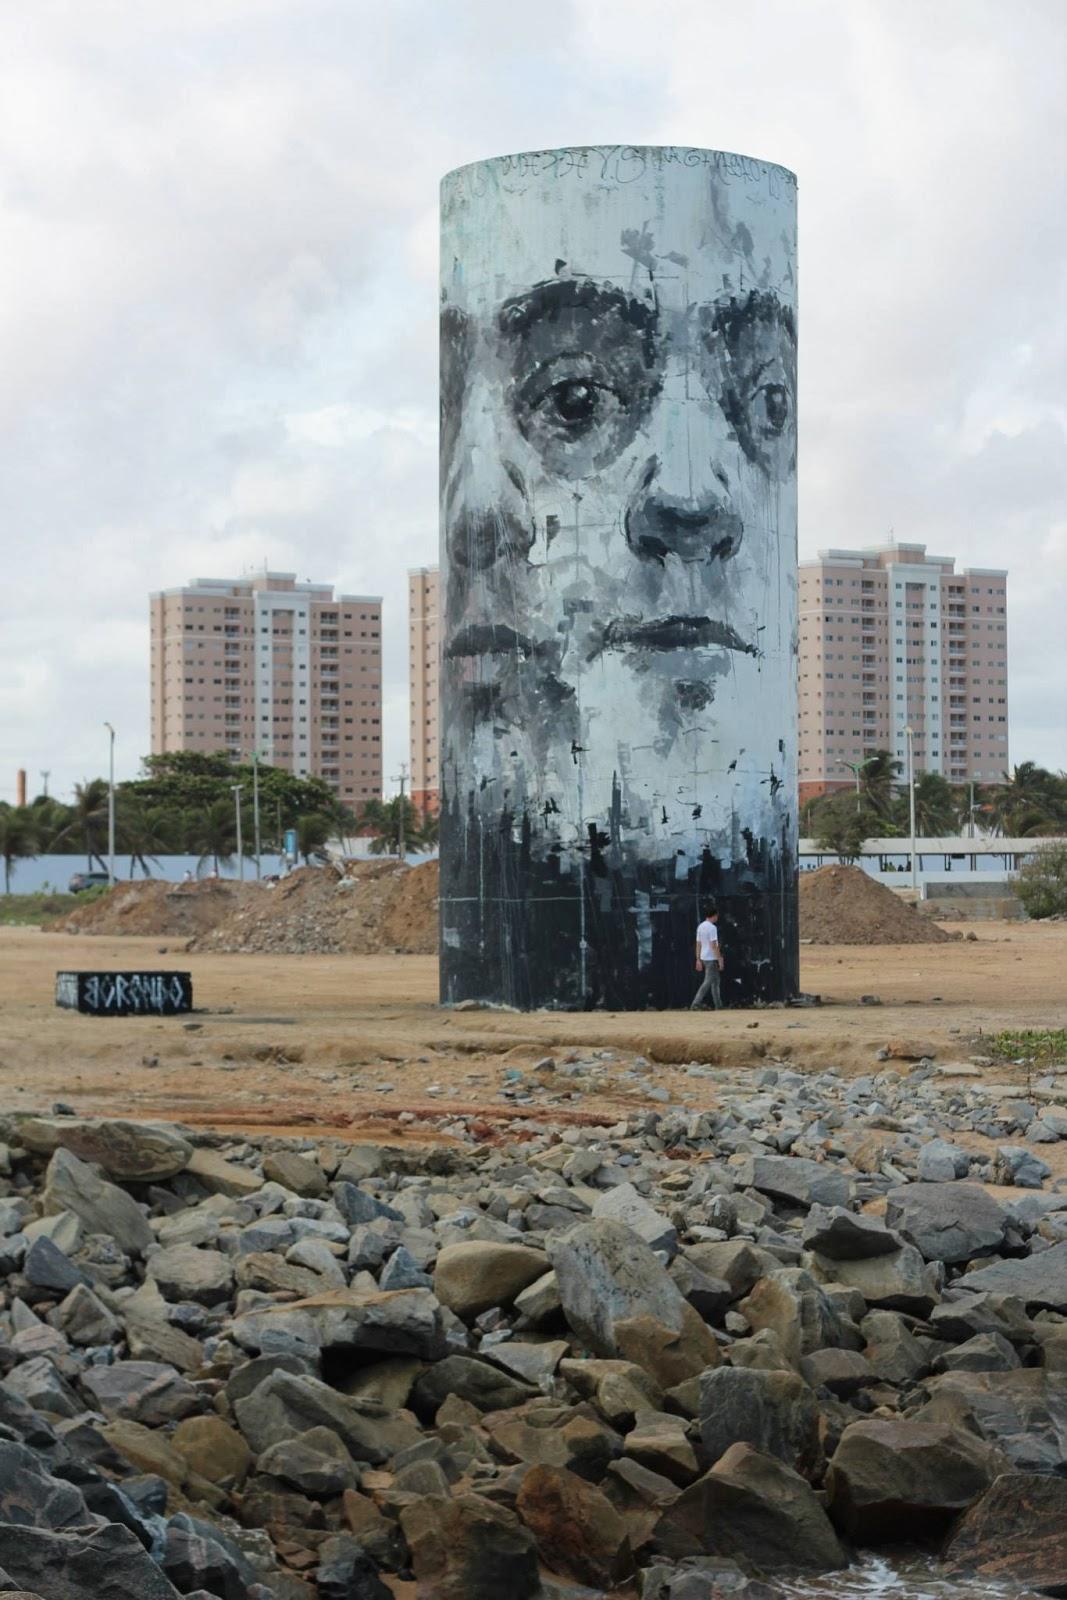 borondo-new-mural-at-festival-concreto-in-fortaleza-03